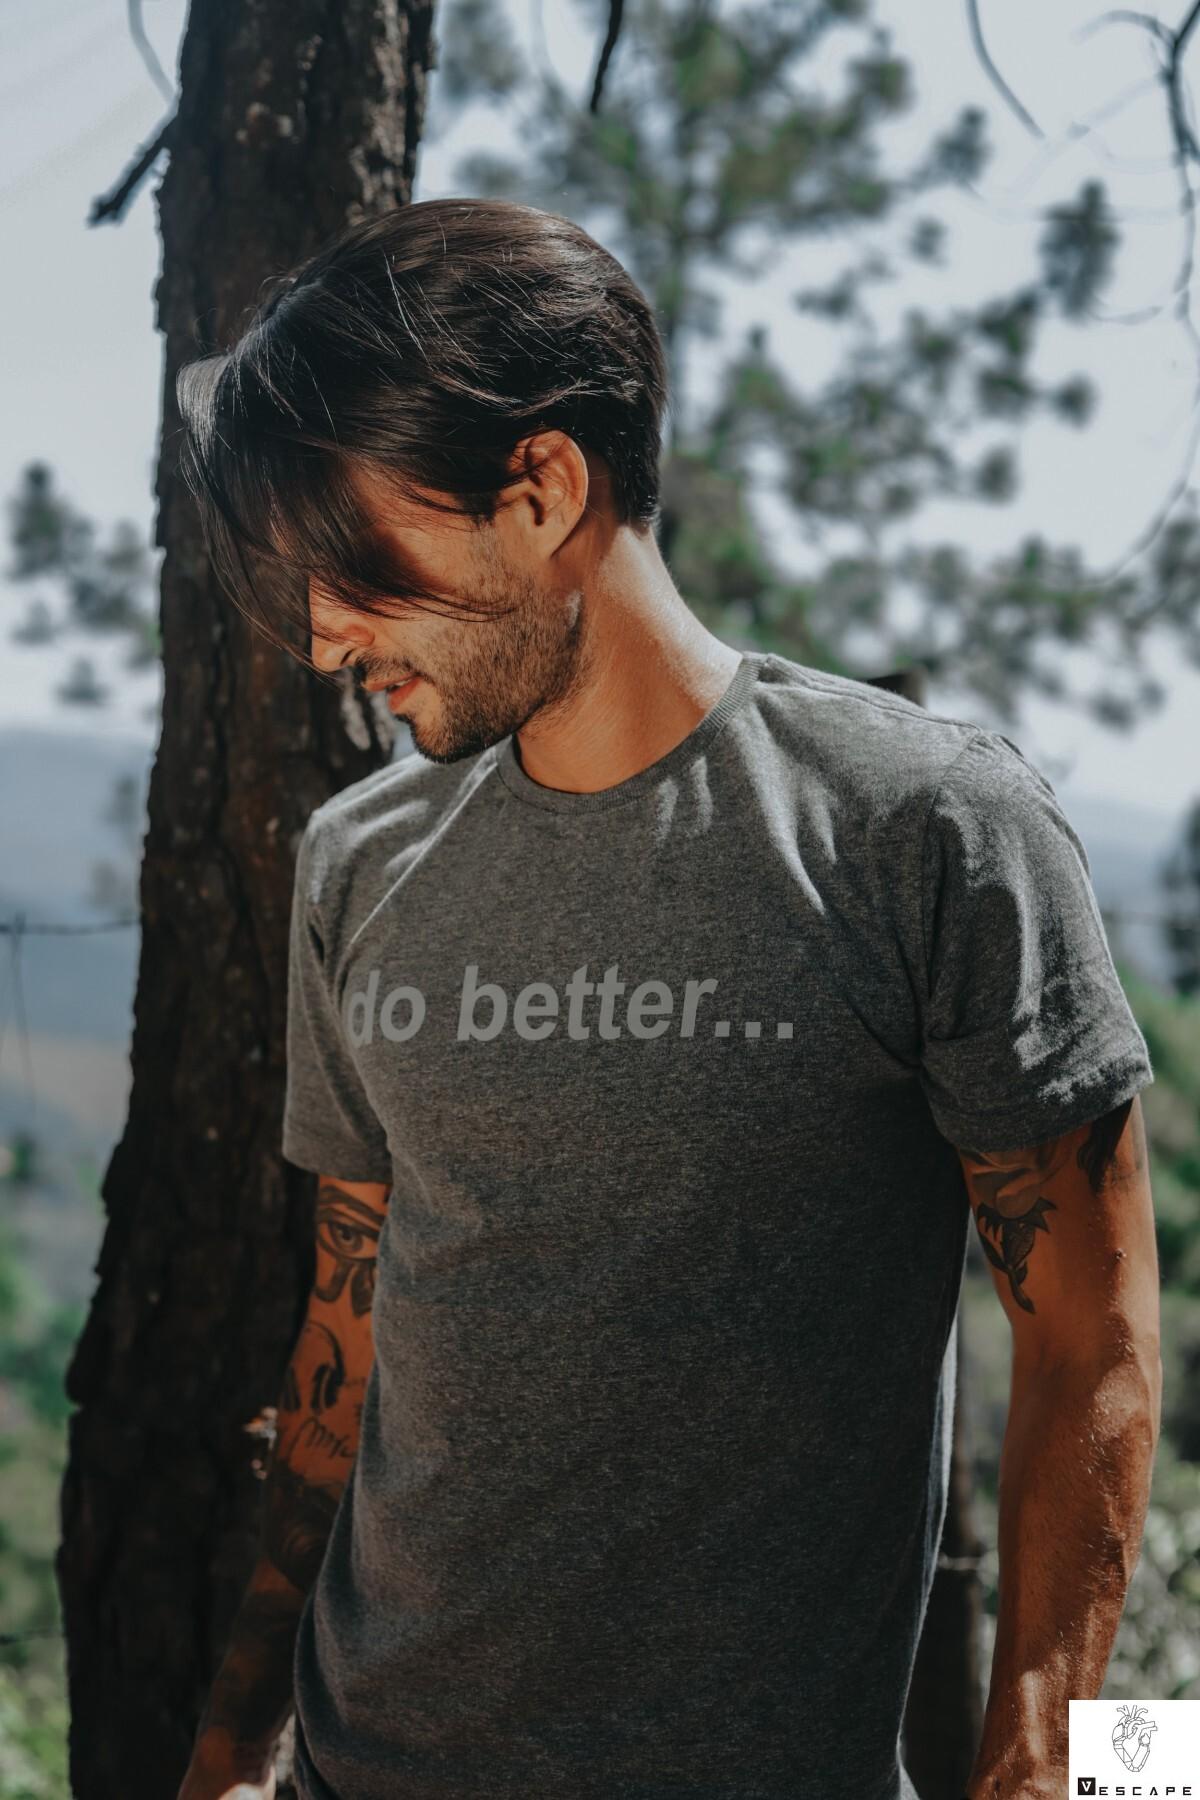 Foto 1 - Camisa Do better